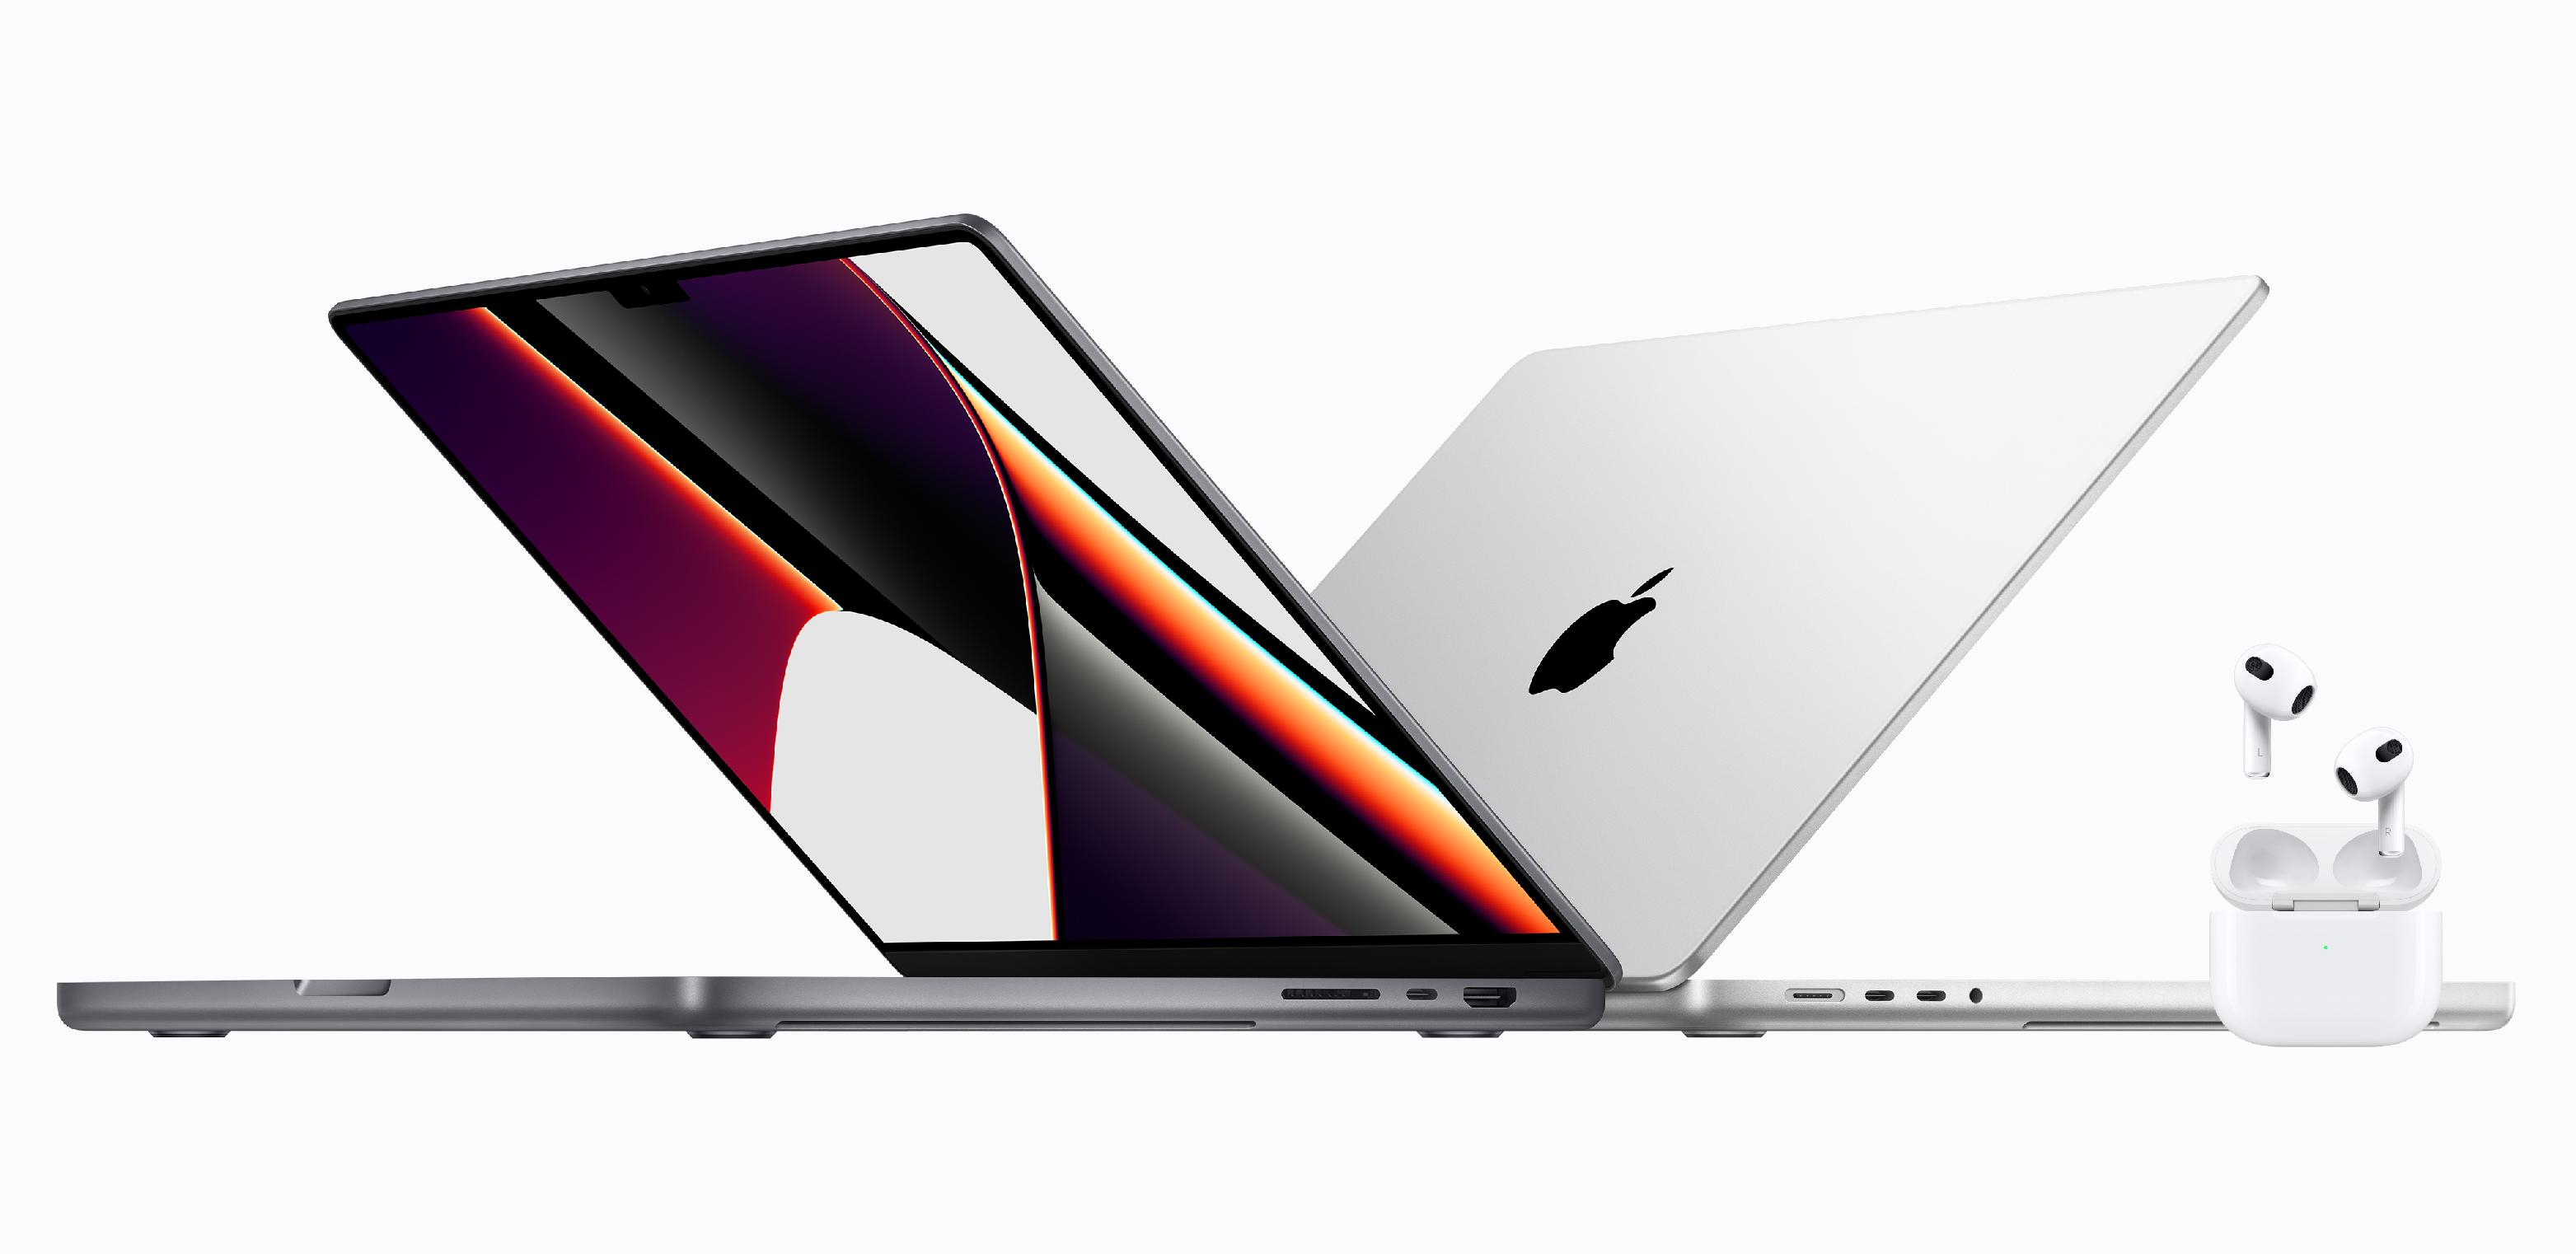 Apple מכריזה על הדור הבא של ה- AirPods ועל ה- MacBook Pro החדש! כעת משופרים יותר מתמיד ומשנים את כללי המשחק